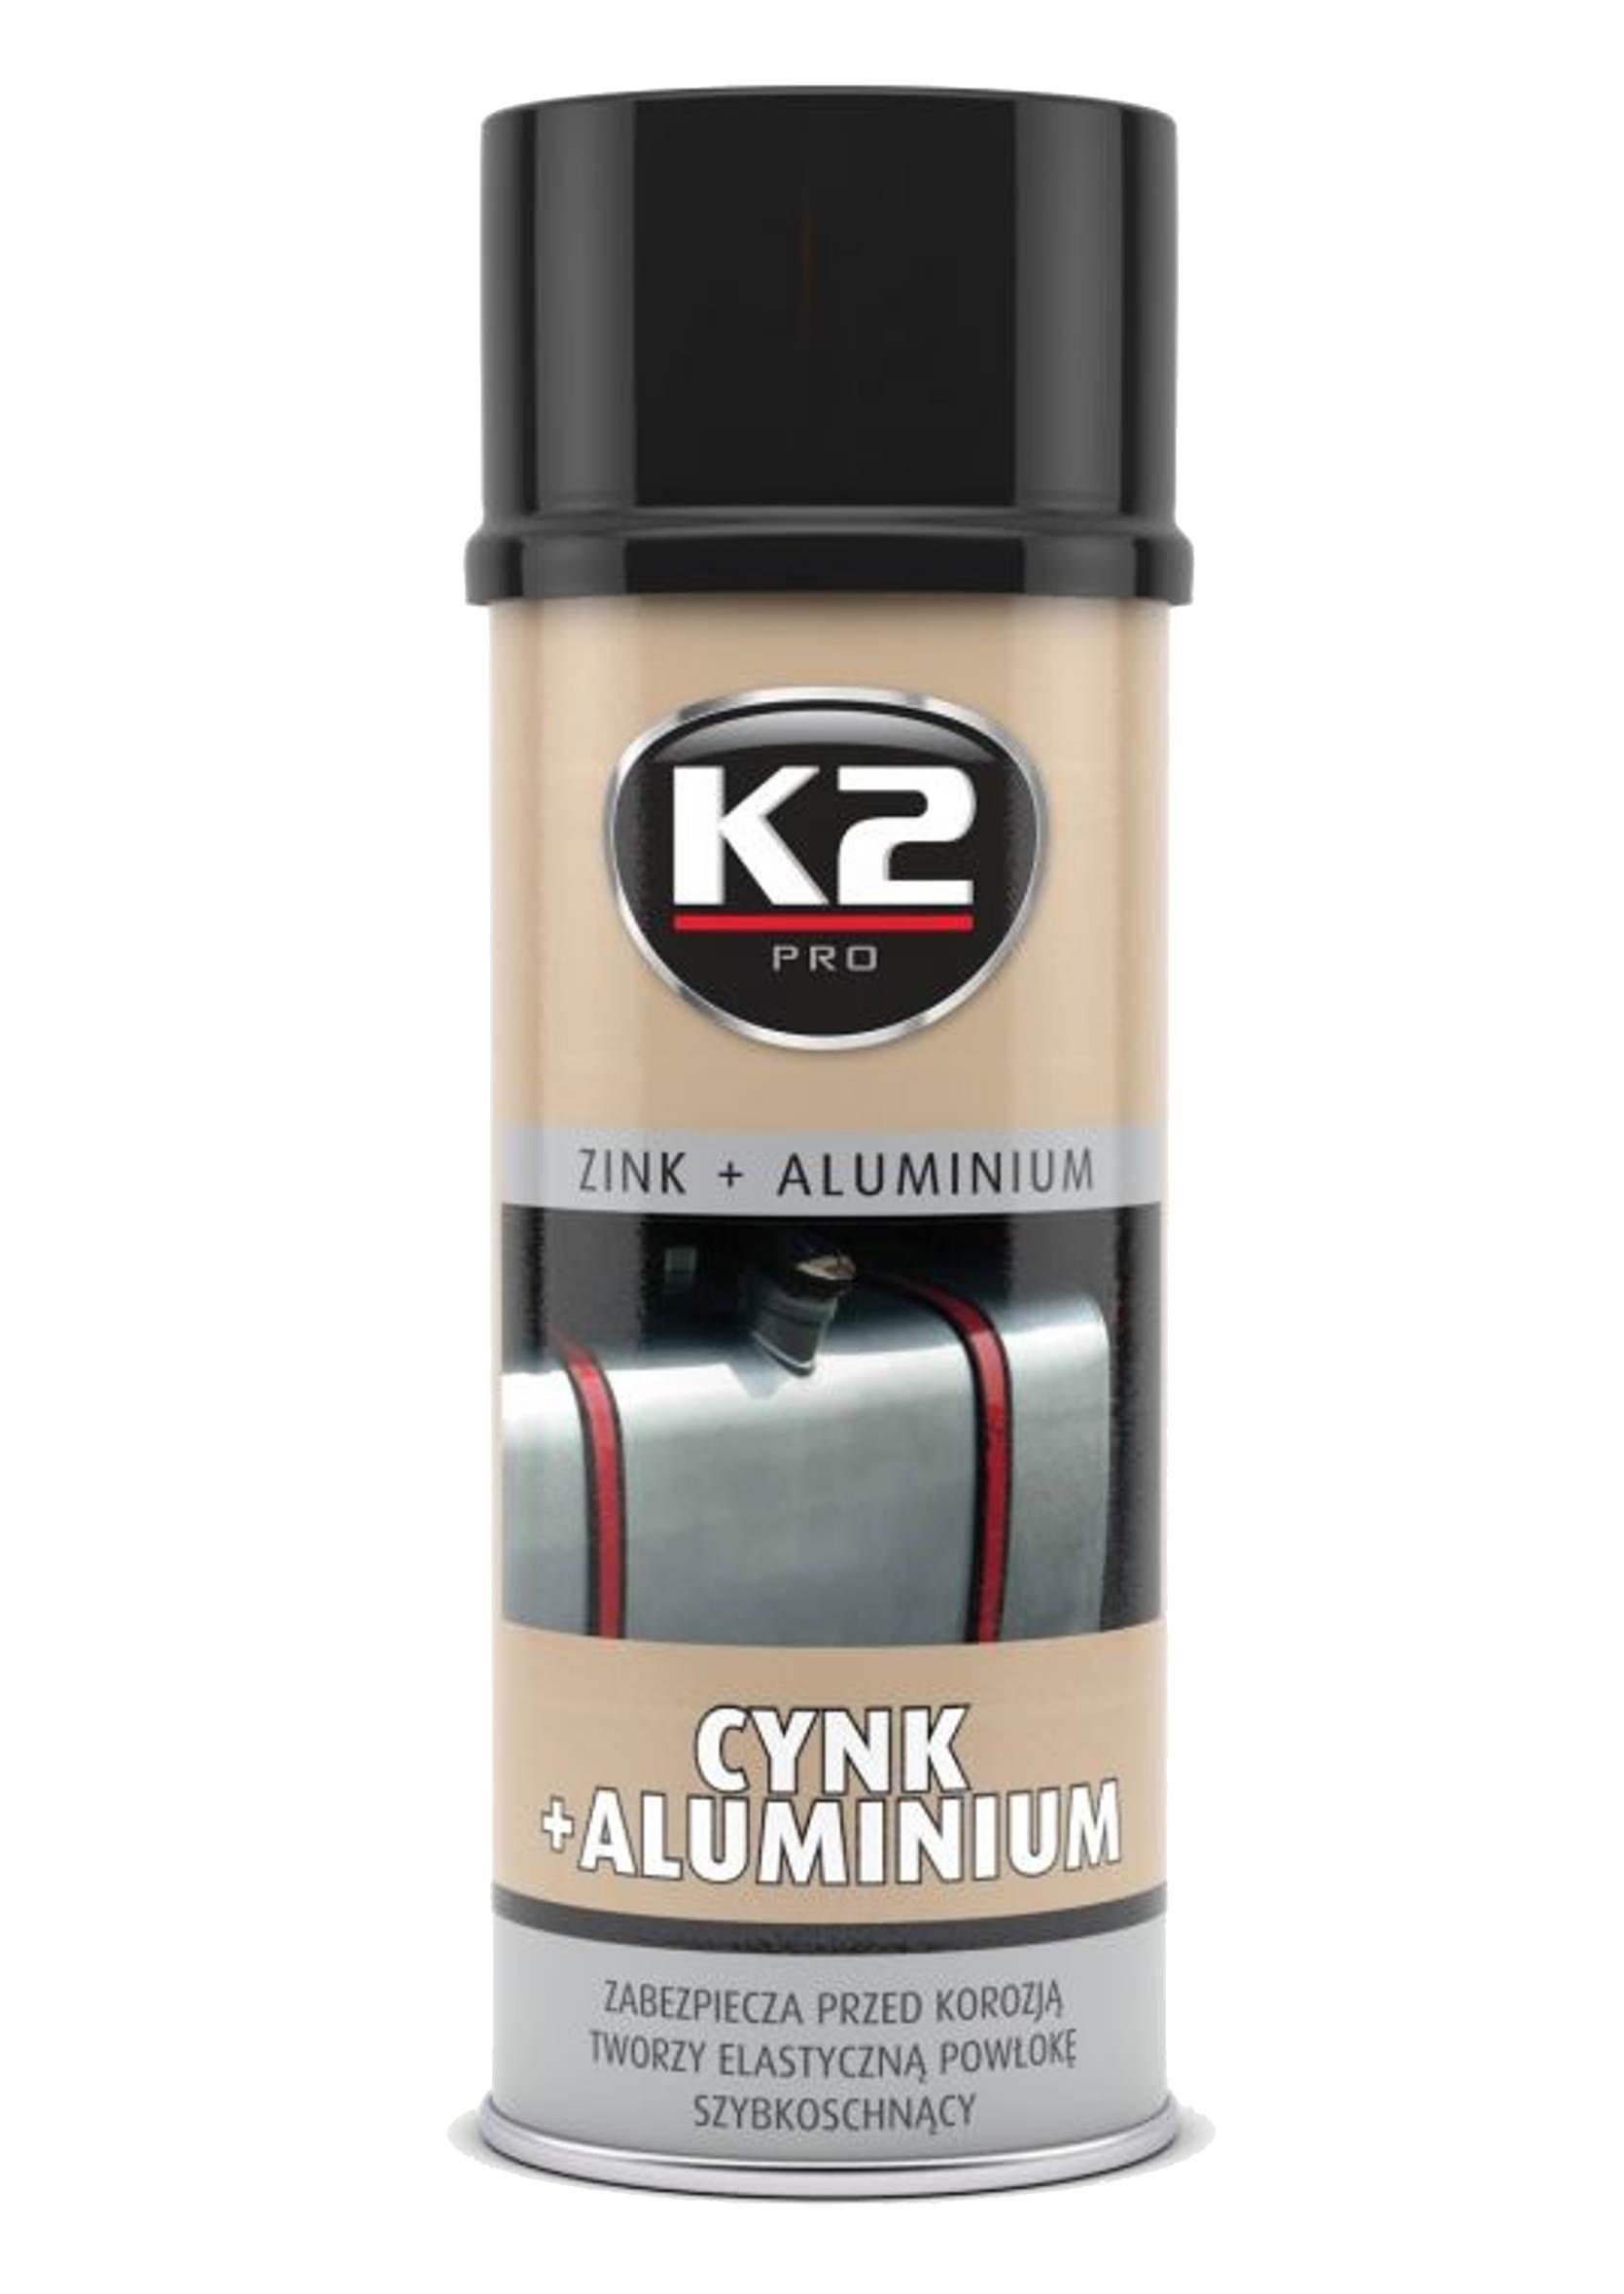 K2 Cynk z Aluminium w Sprayu 400ml Preparat Antykorozyjny